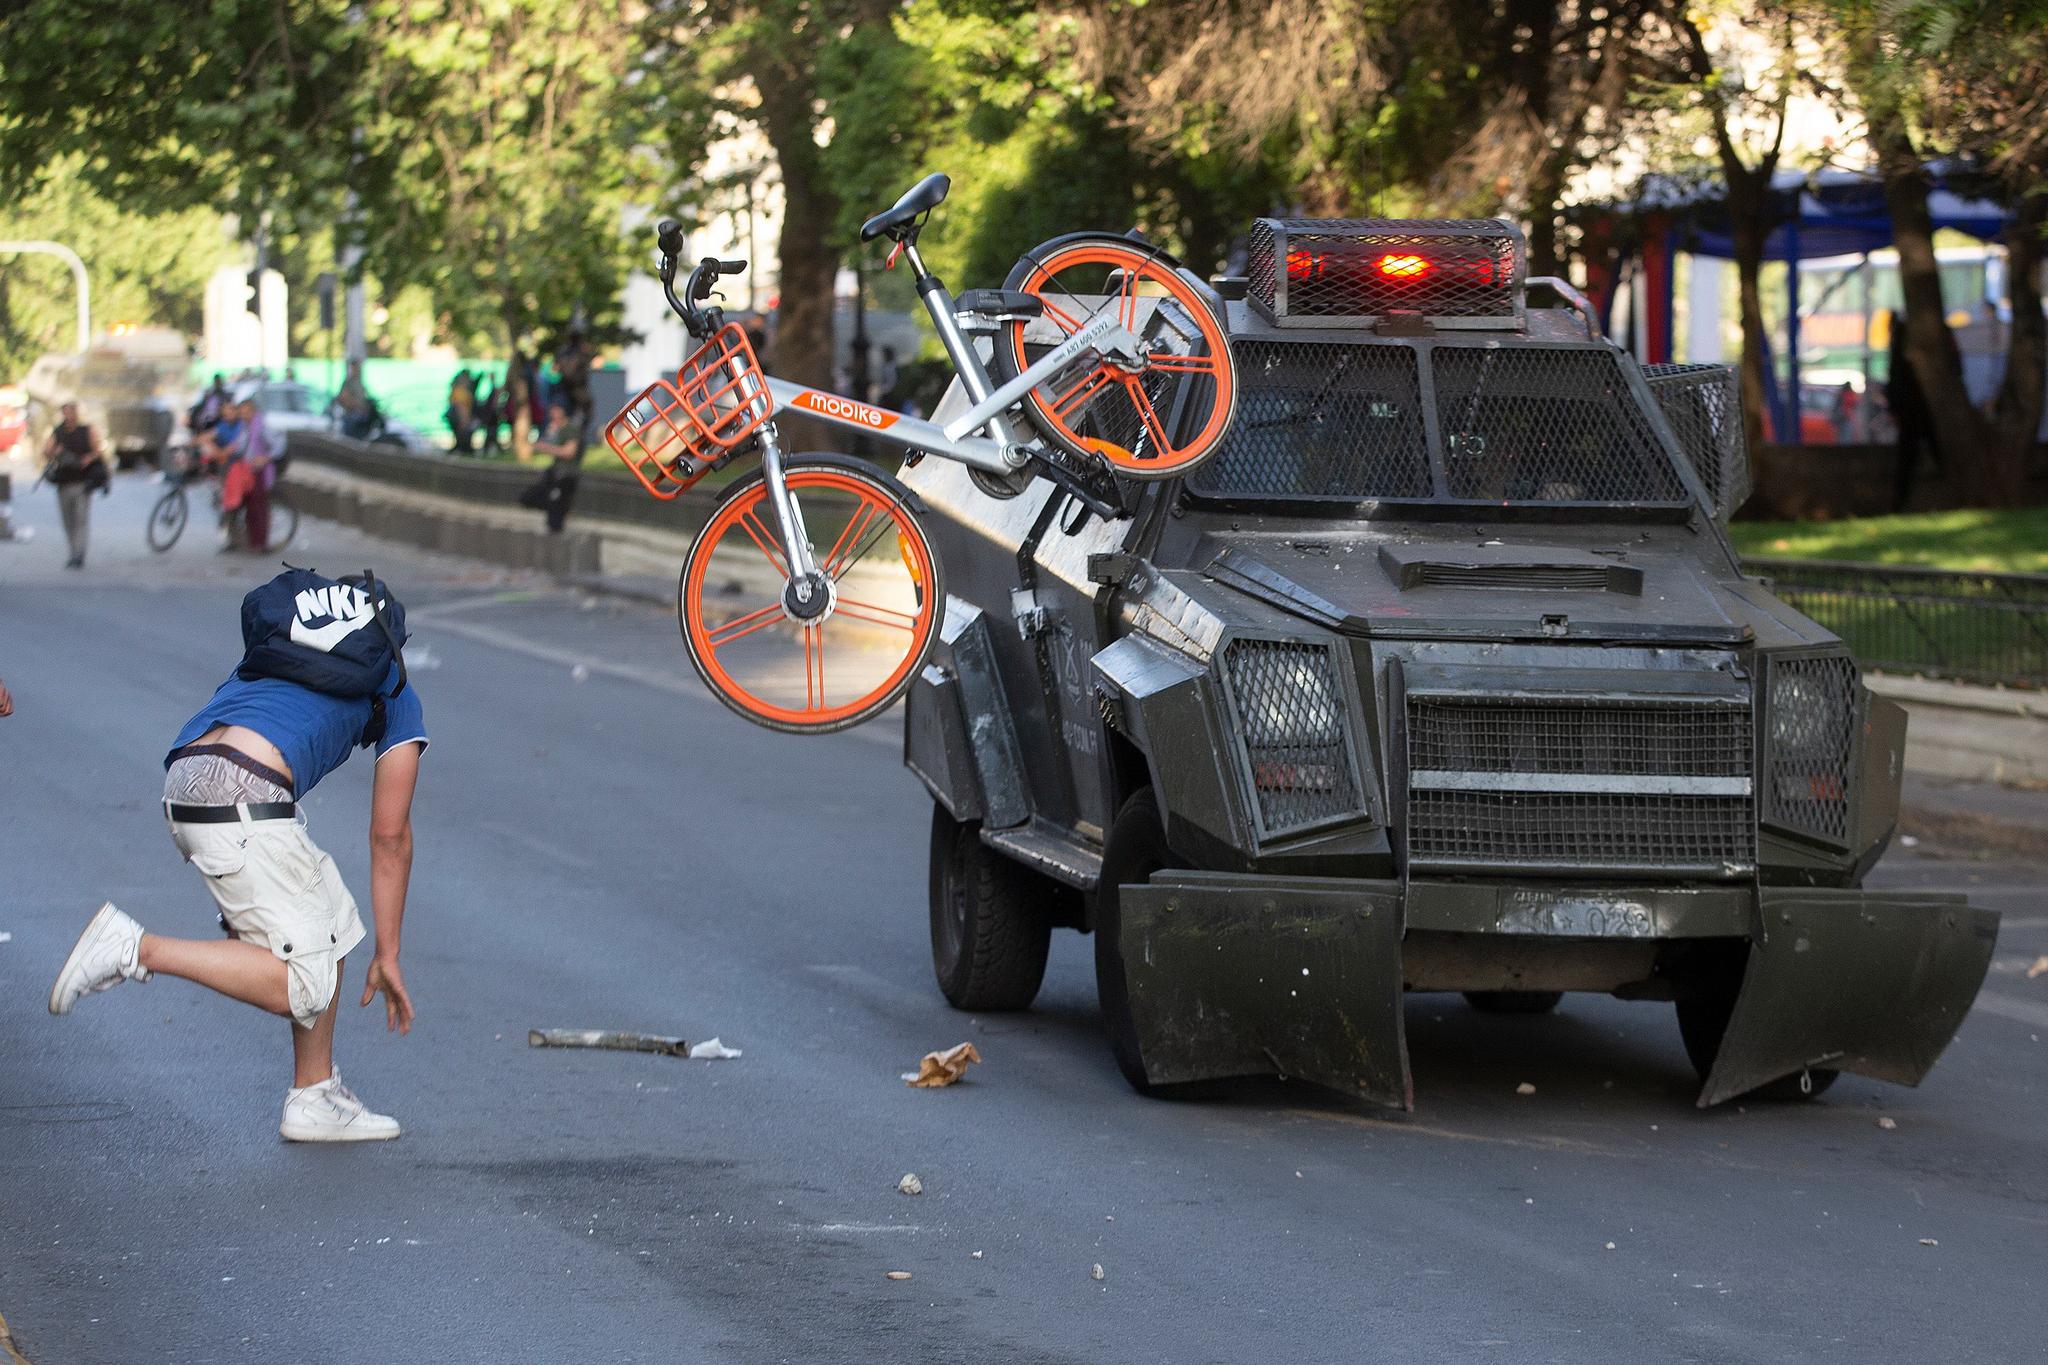 칠레 수도 산티아고에서 지하철 요금 인상에 반대하는 시위가 격렬하게 벌어지고 있다. 한 시위대가 경찰 최루탄 발사차량을 향해 자전거를 던지고 있다. [AFP=연합뉴스]